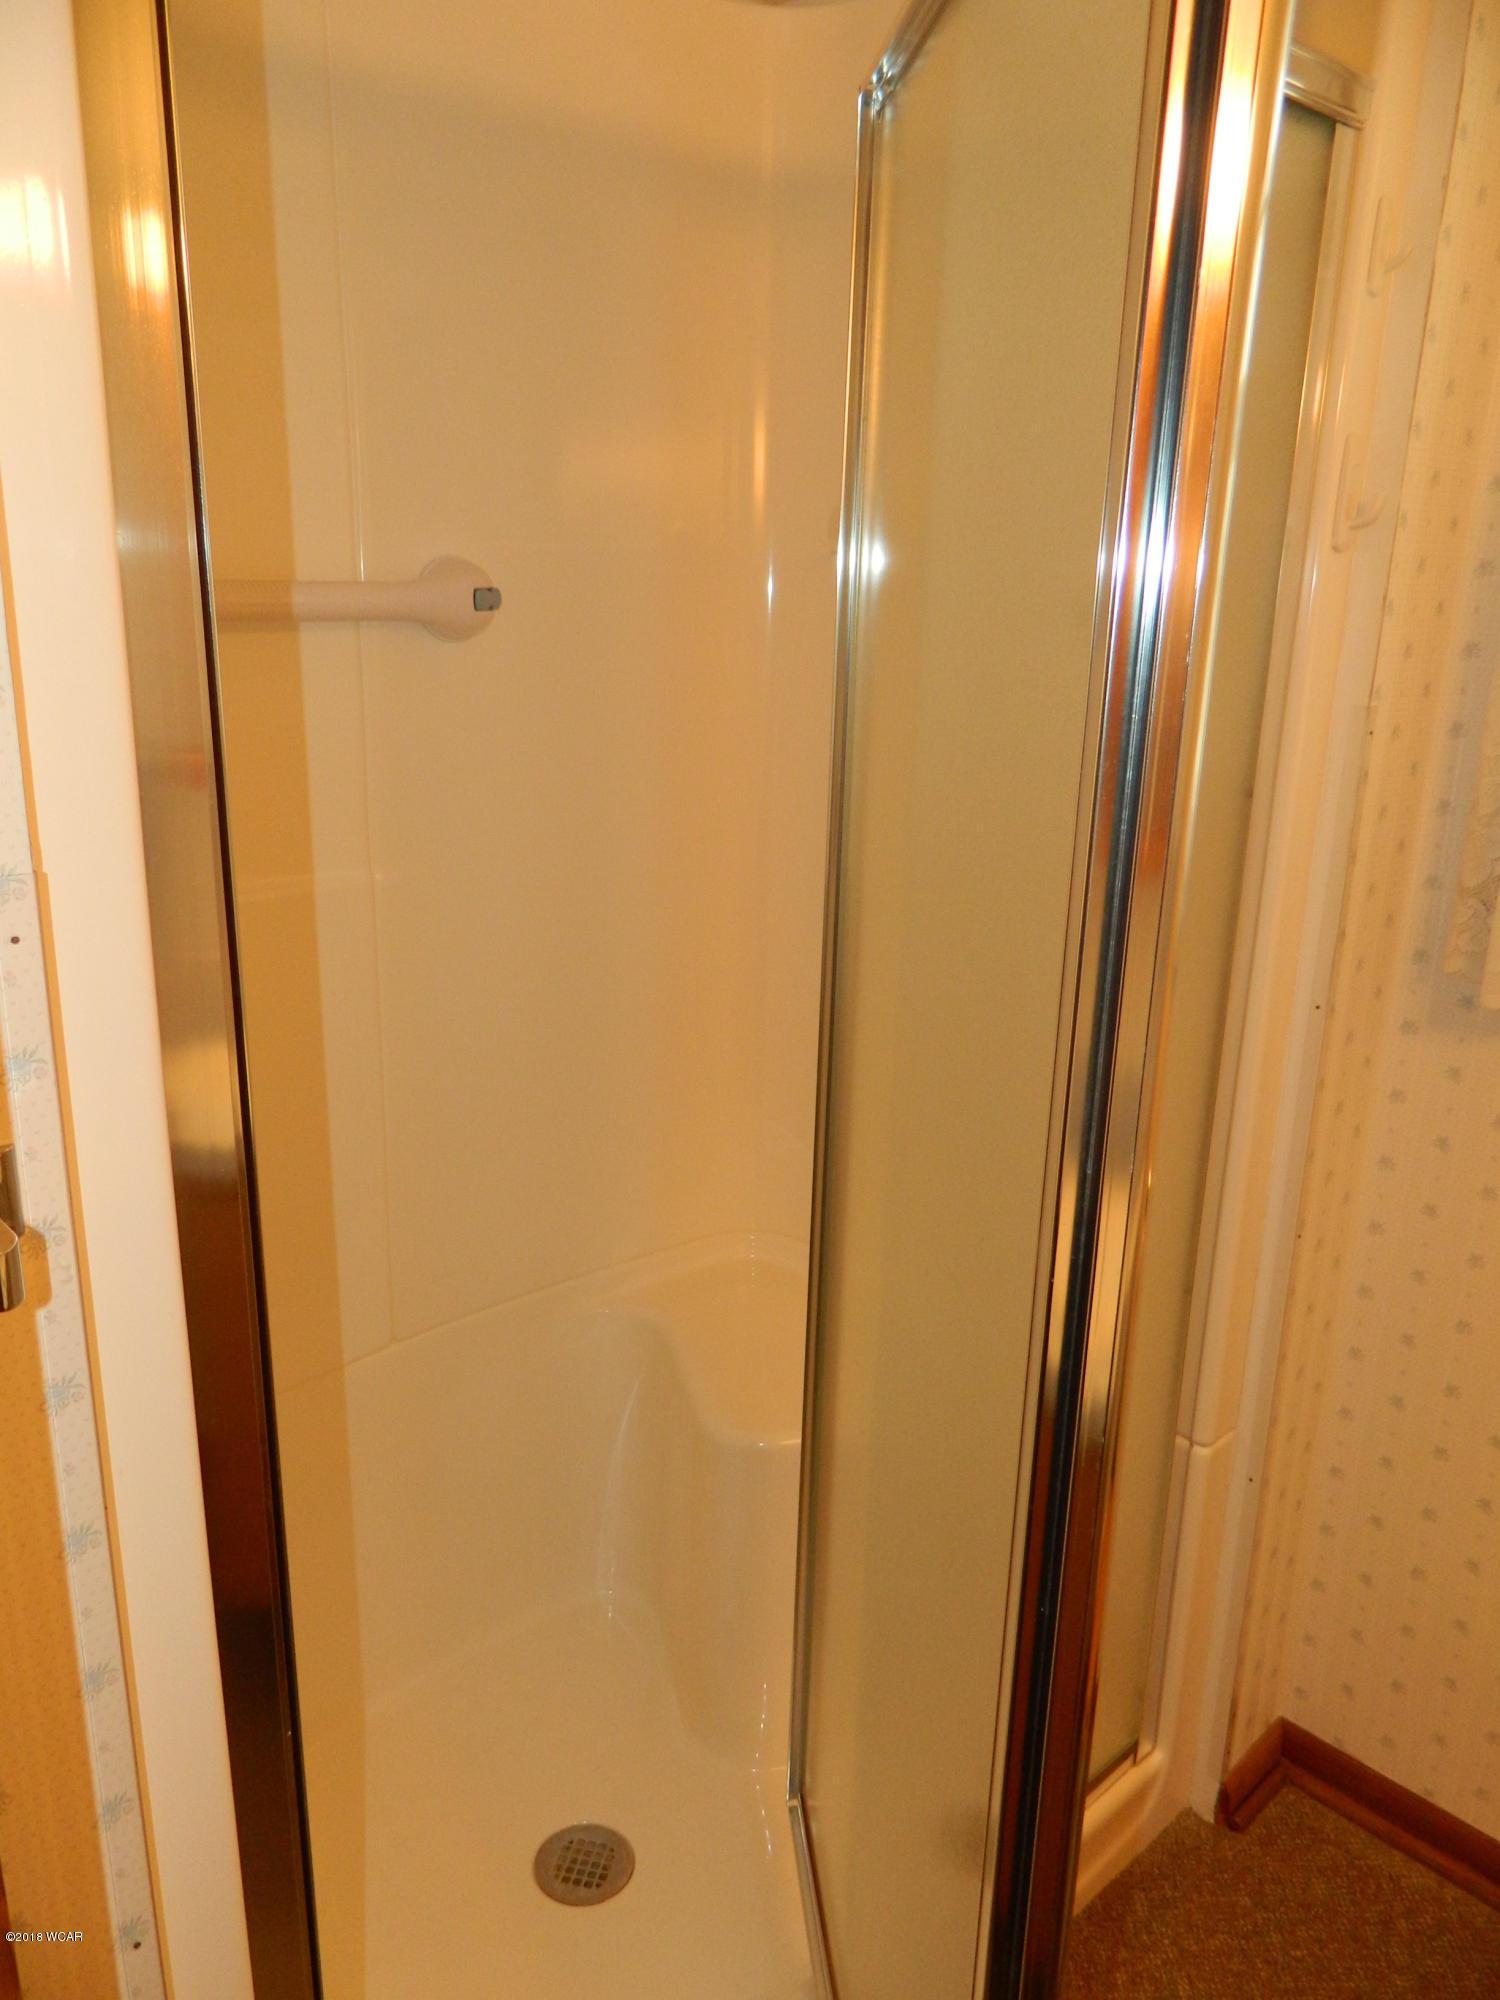 421 Birch Avenue,Hector,3 Bedrooms Bedrooms,2 BathroomsBathrooms,Single Family,Birch Avenue,6032763